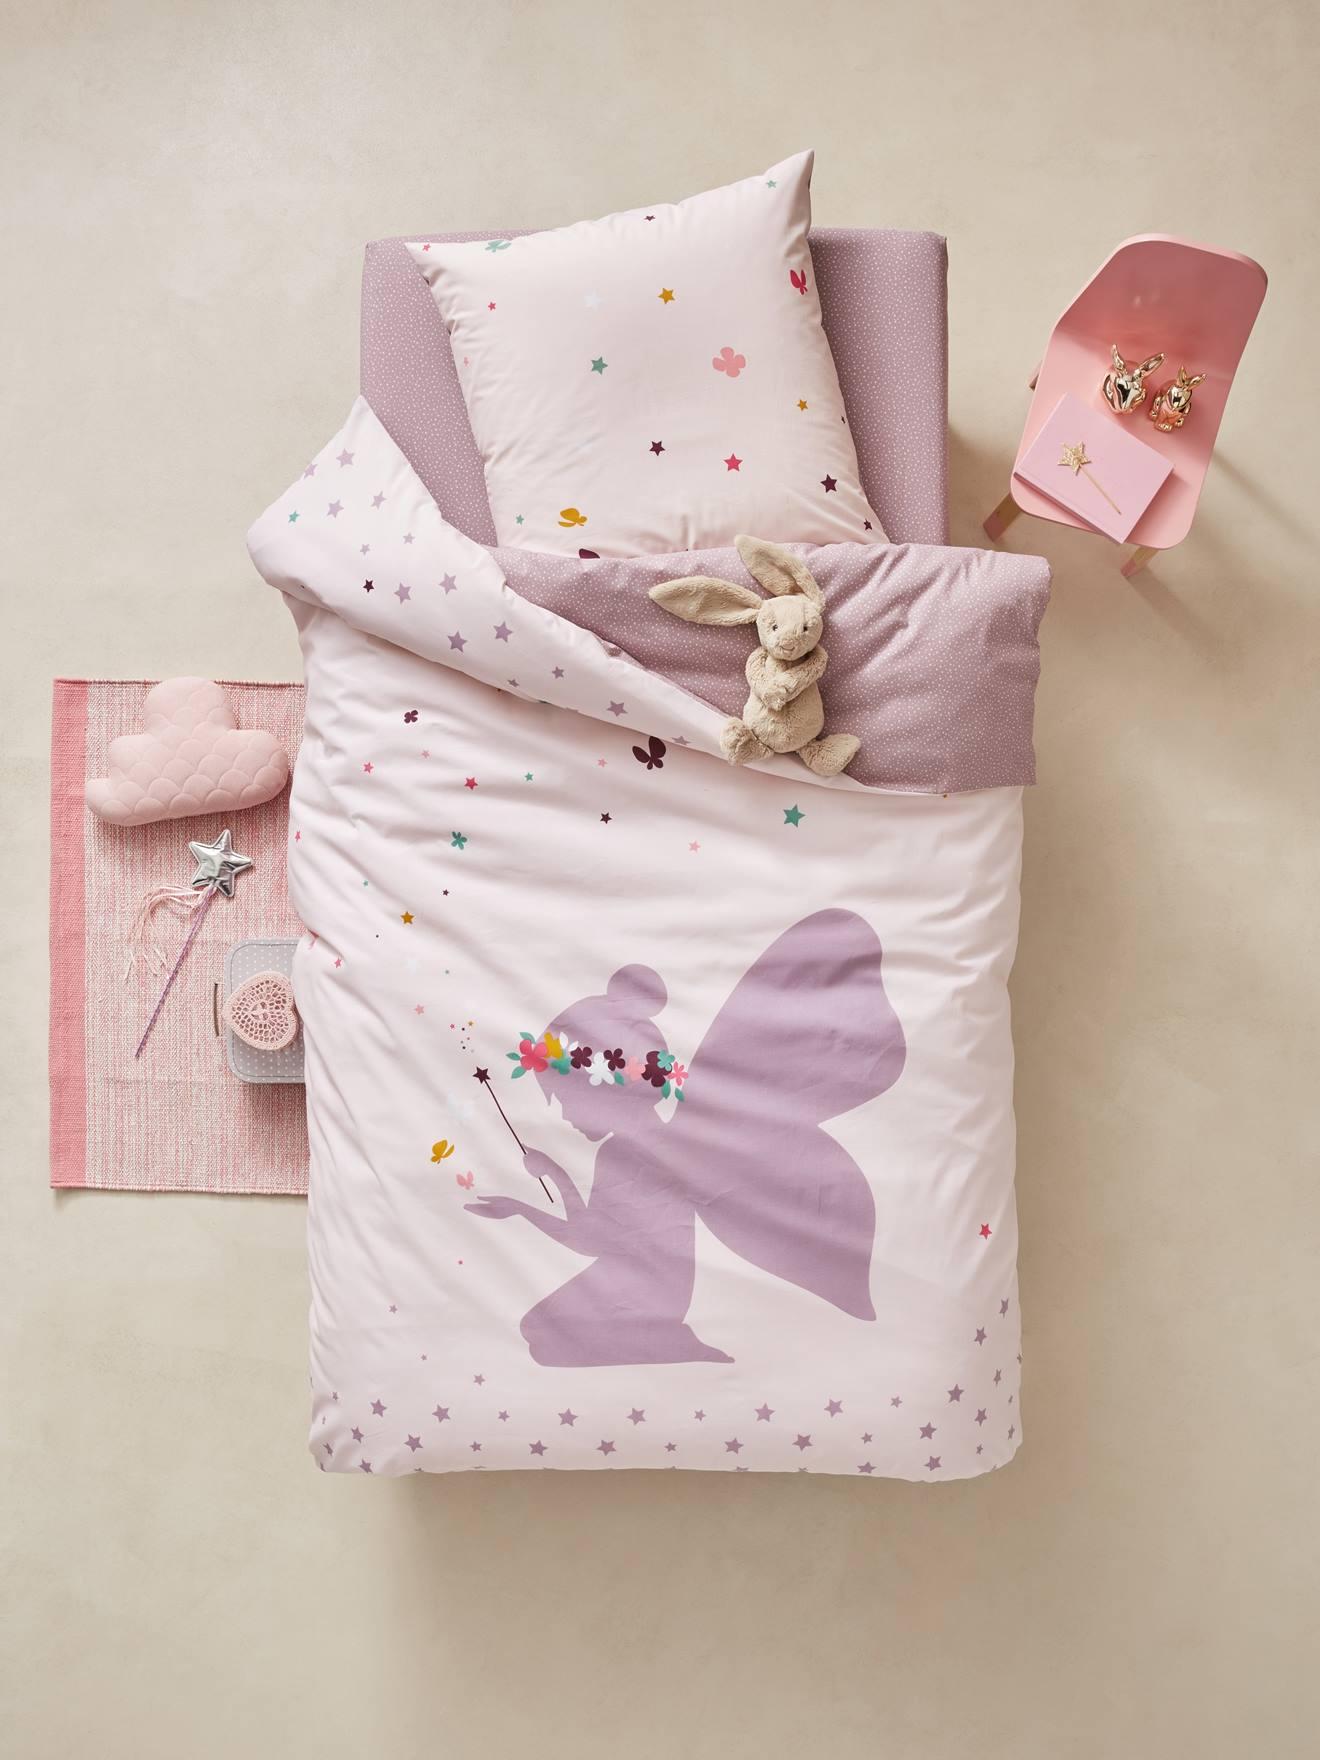 Kinderzimmer Kinderbettwäsche Bettwäsche Set Für Kinder